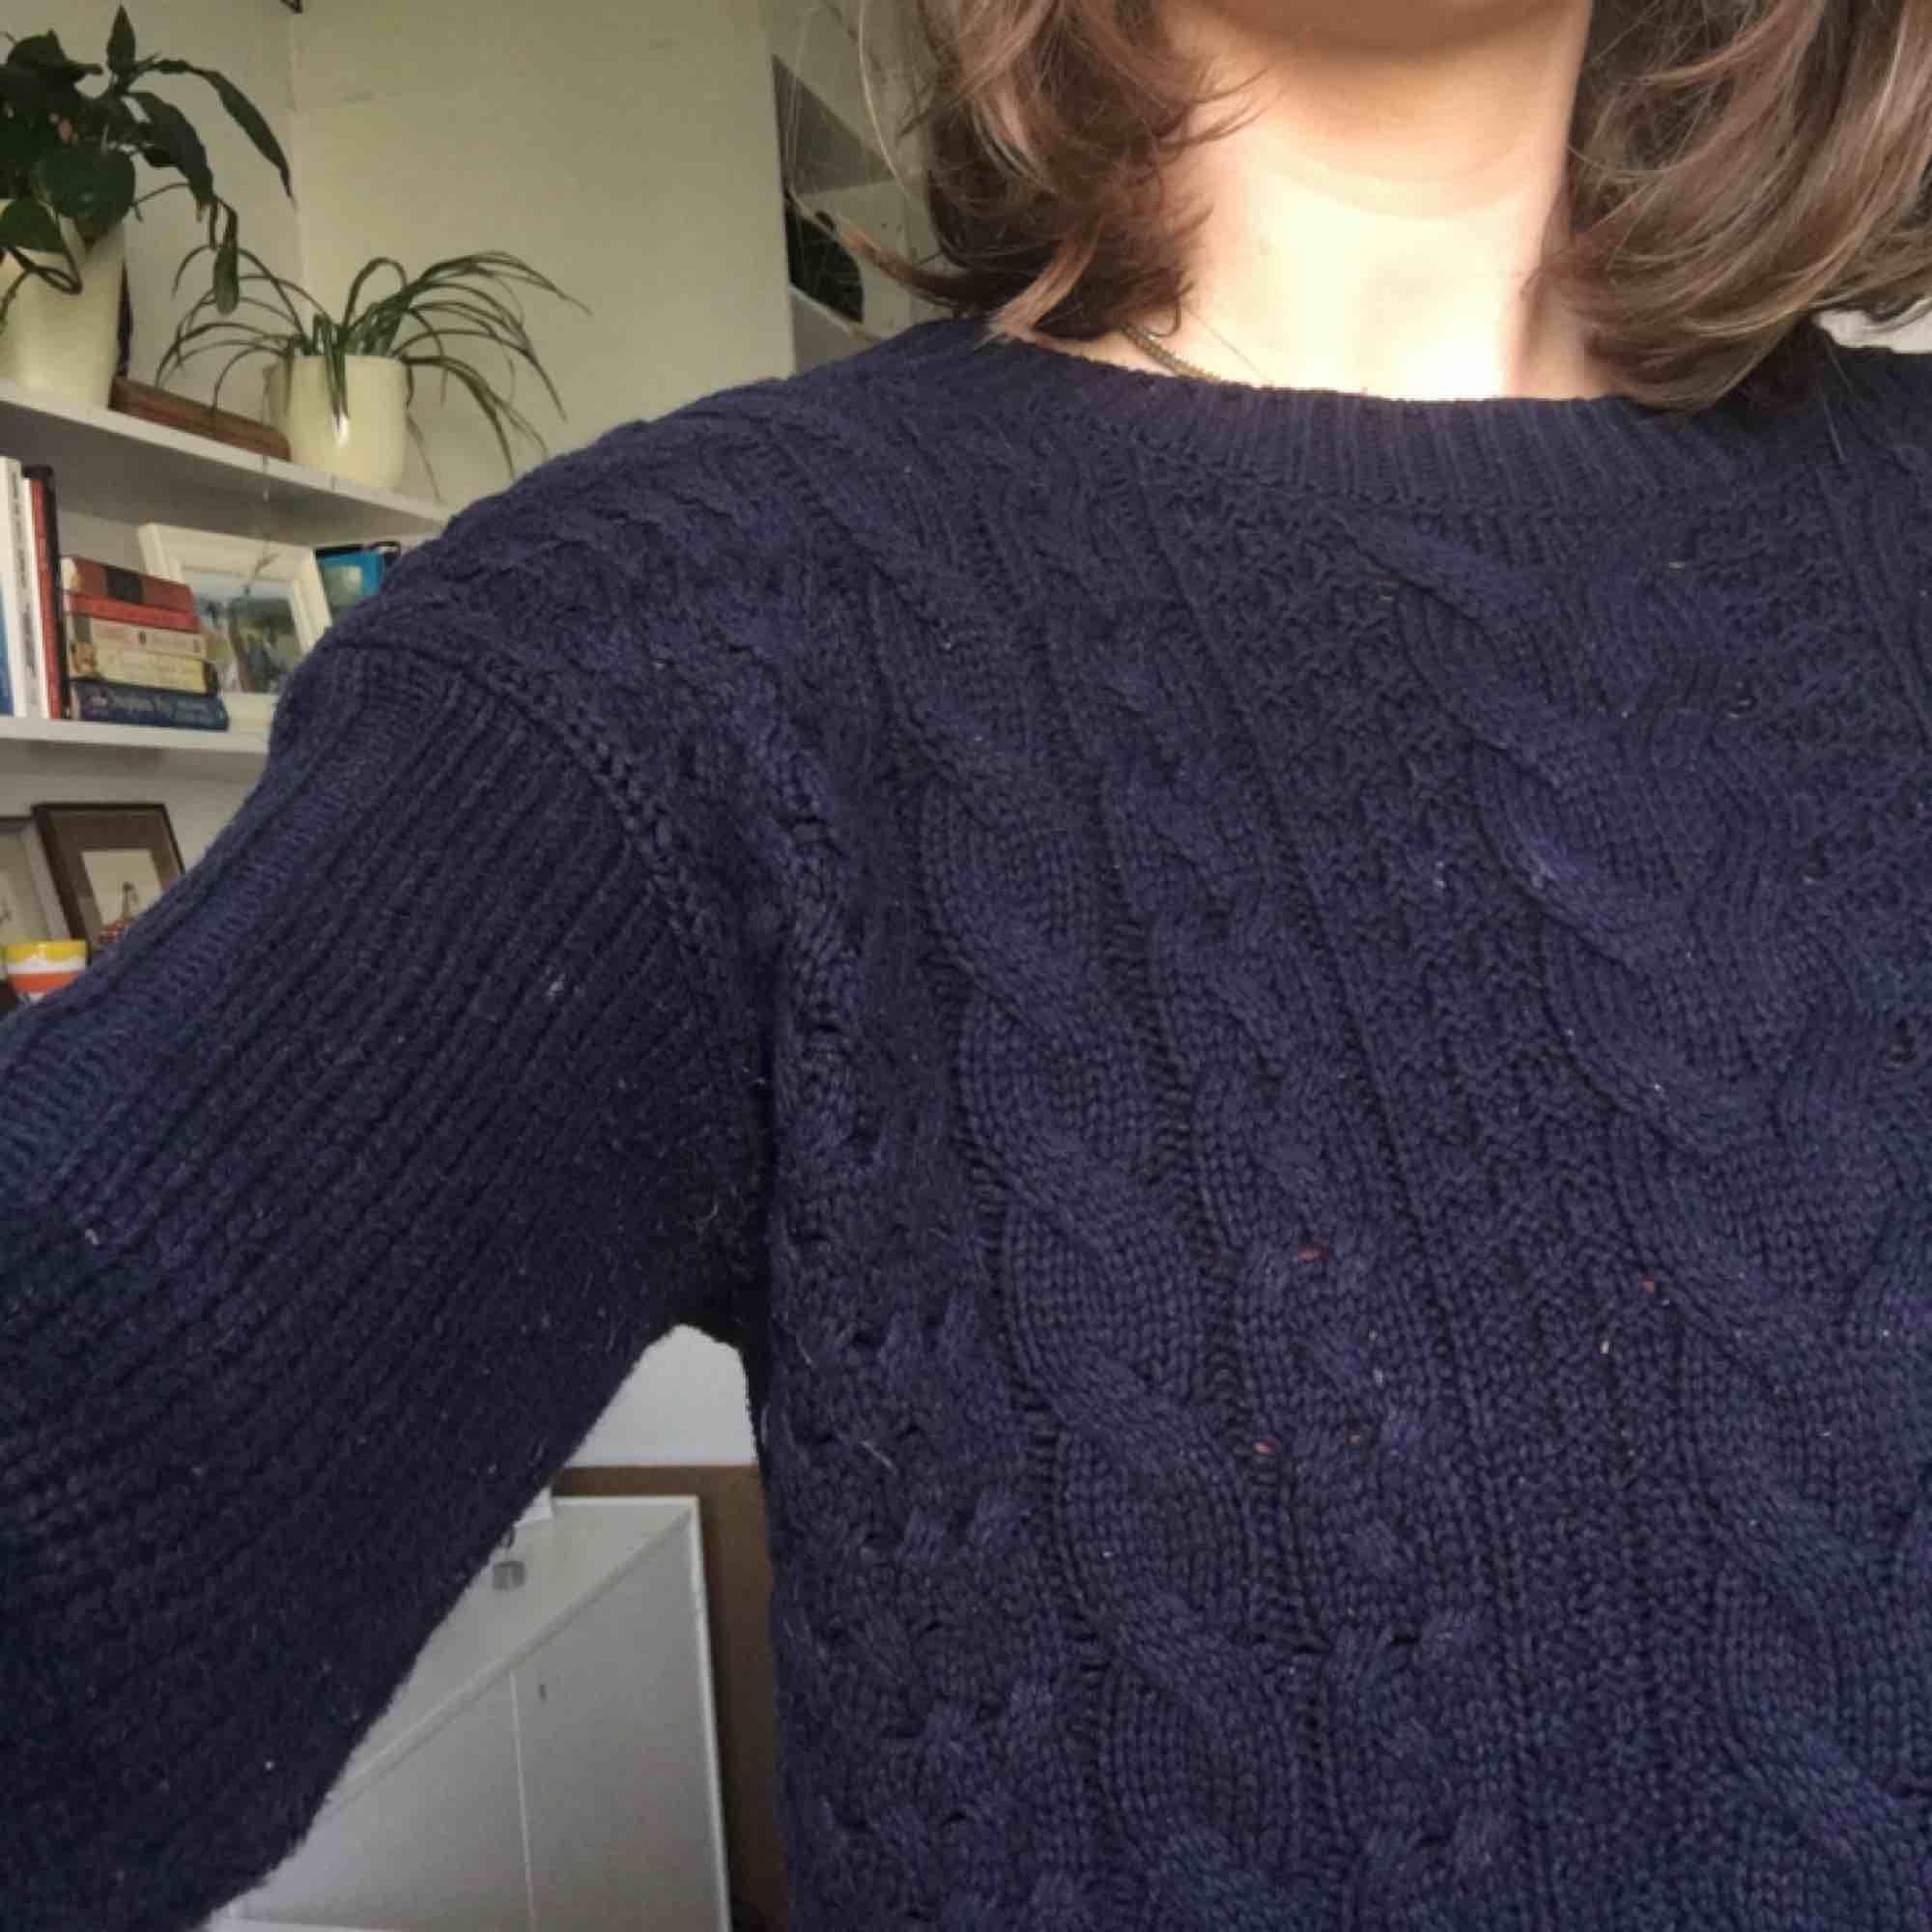 Mörkblå tröja. Passar till mycket. Perfekt till hösten. HM men ändå ganska bra kvalitet. Inte använd så mycket. Köparen står för frakten annars möts jag i Uppsala. Pris kan diskuteras. . Tröjor & Koftor.